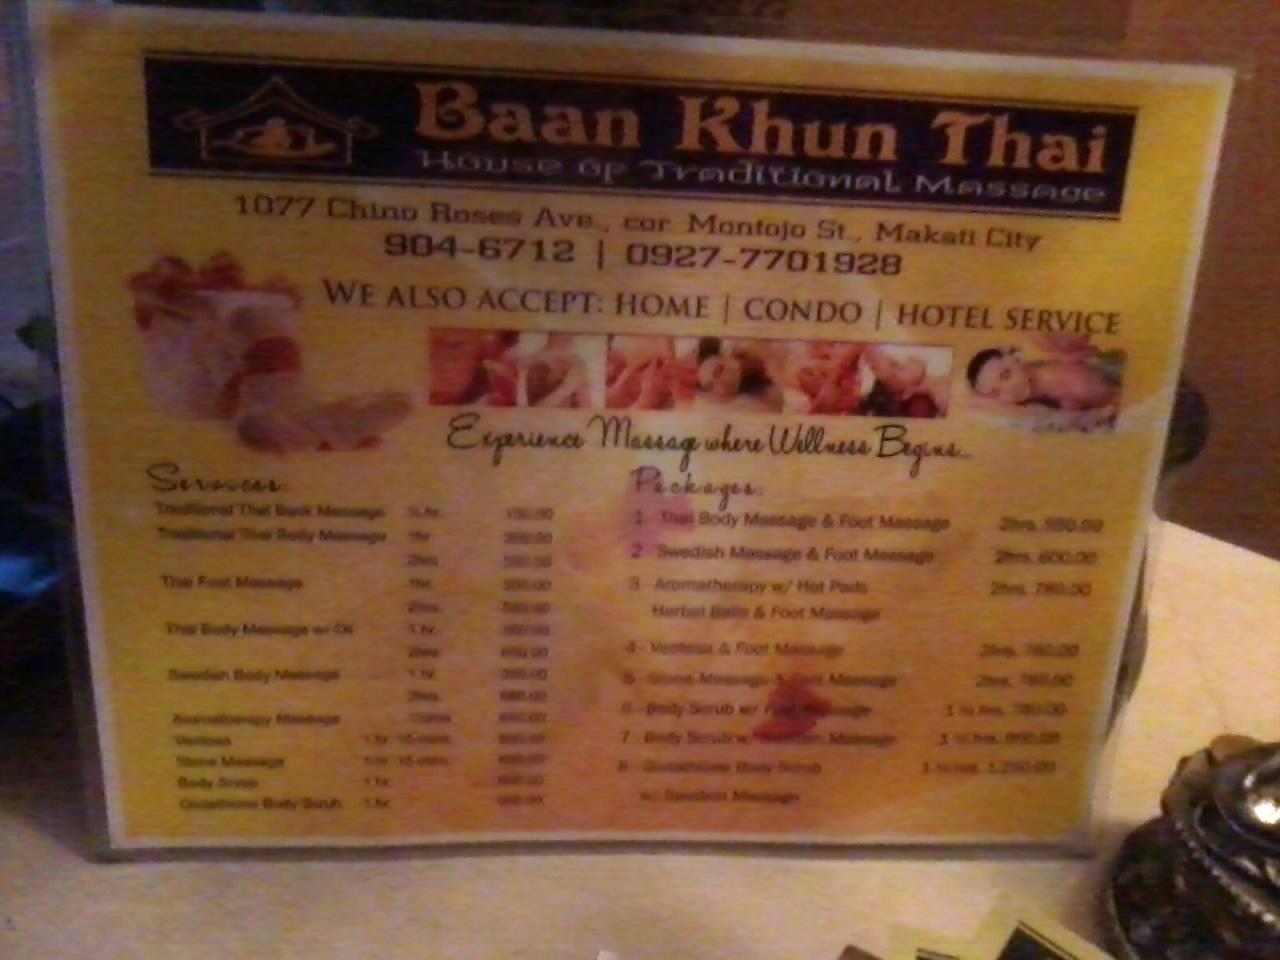 thai hisingen baan thai luleå